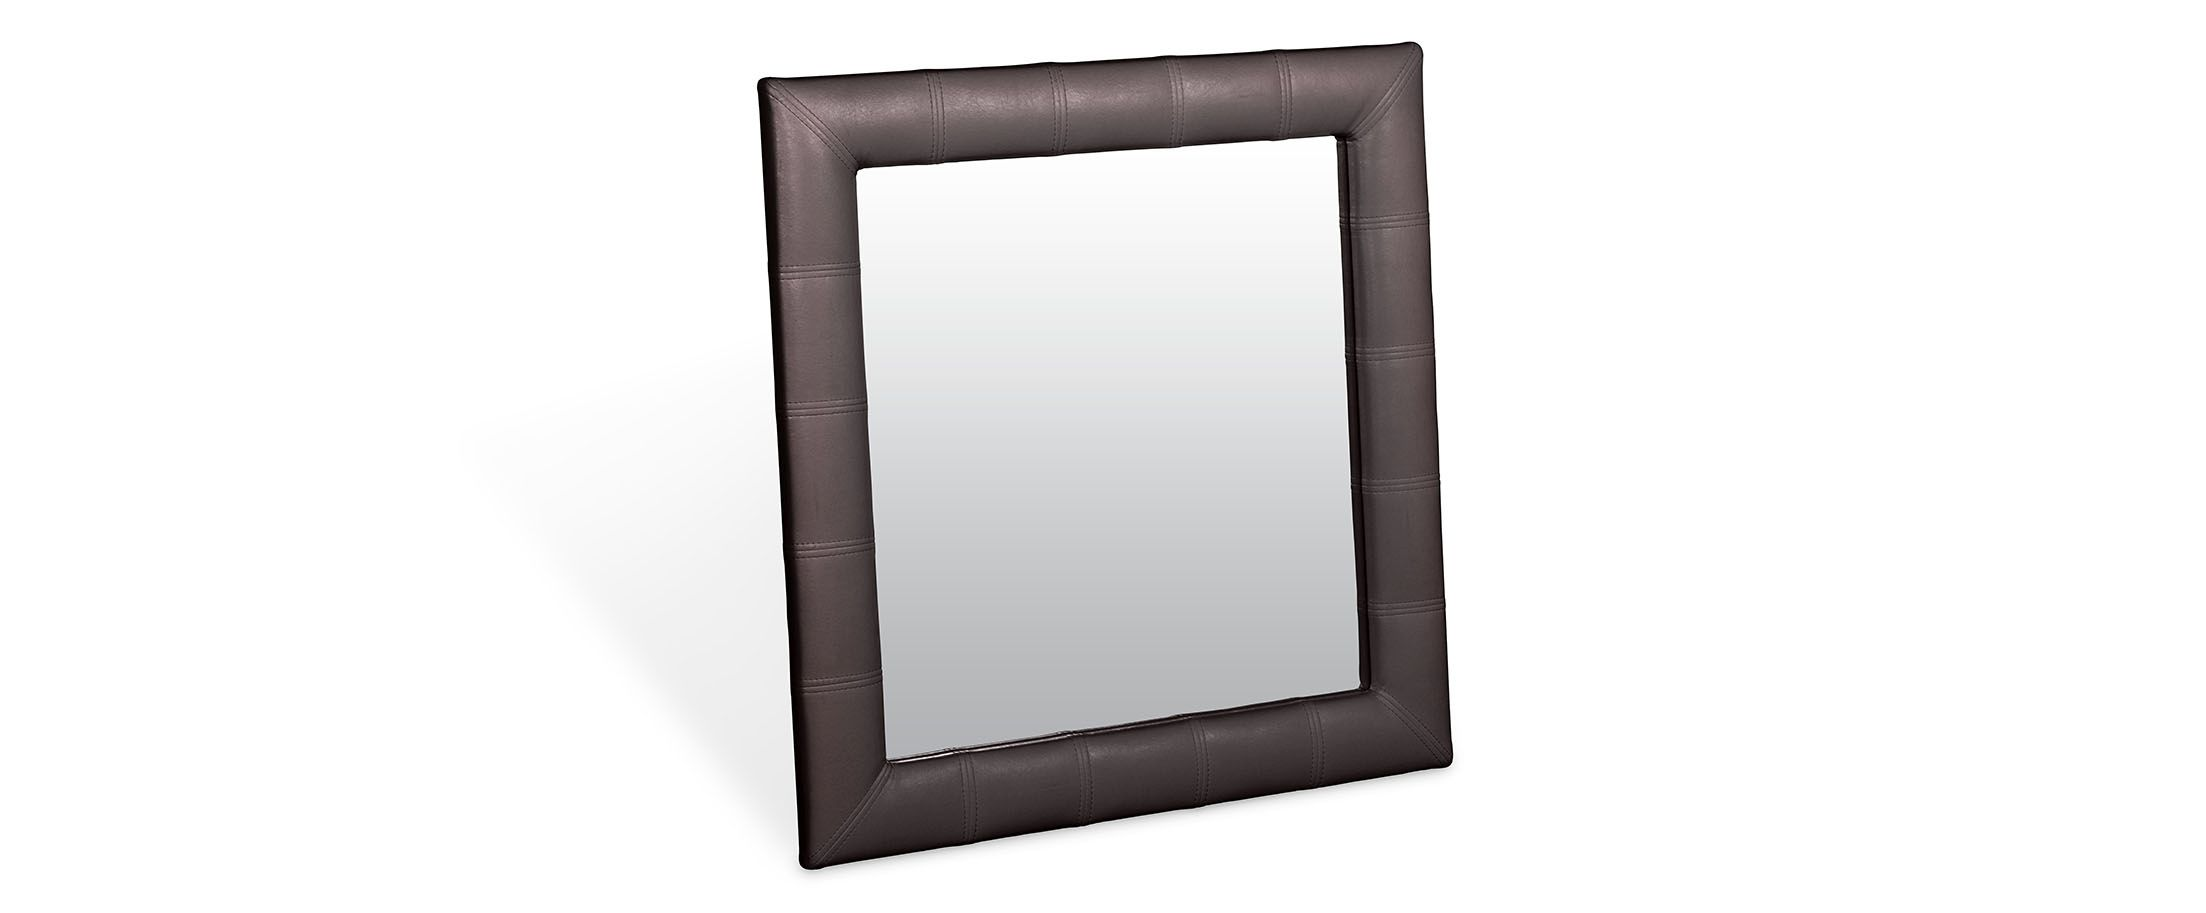 Зеркало Кааба квадратное кофеЗеркало навесное в спальню. Обивка из экокожи. Артикул: К000479<br><br>Ширина см: 86<br>Глубина см: 4<br>Высота см: 86<br>Цвет: Коричневый<br>Материал: Экокожа